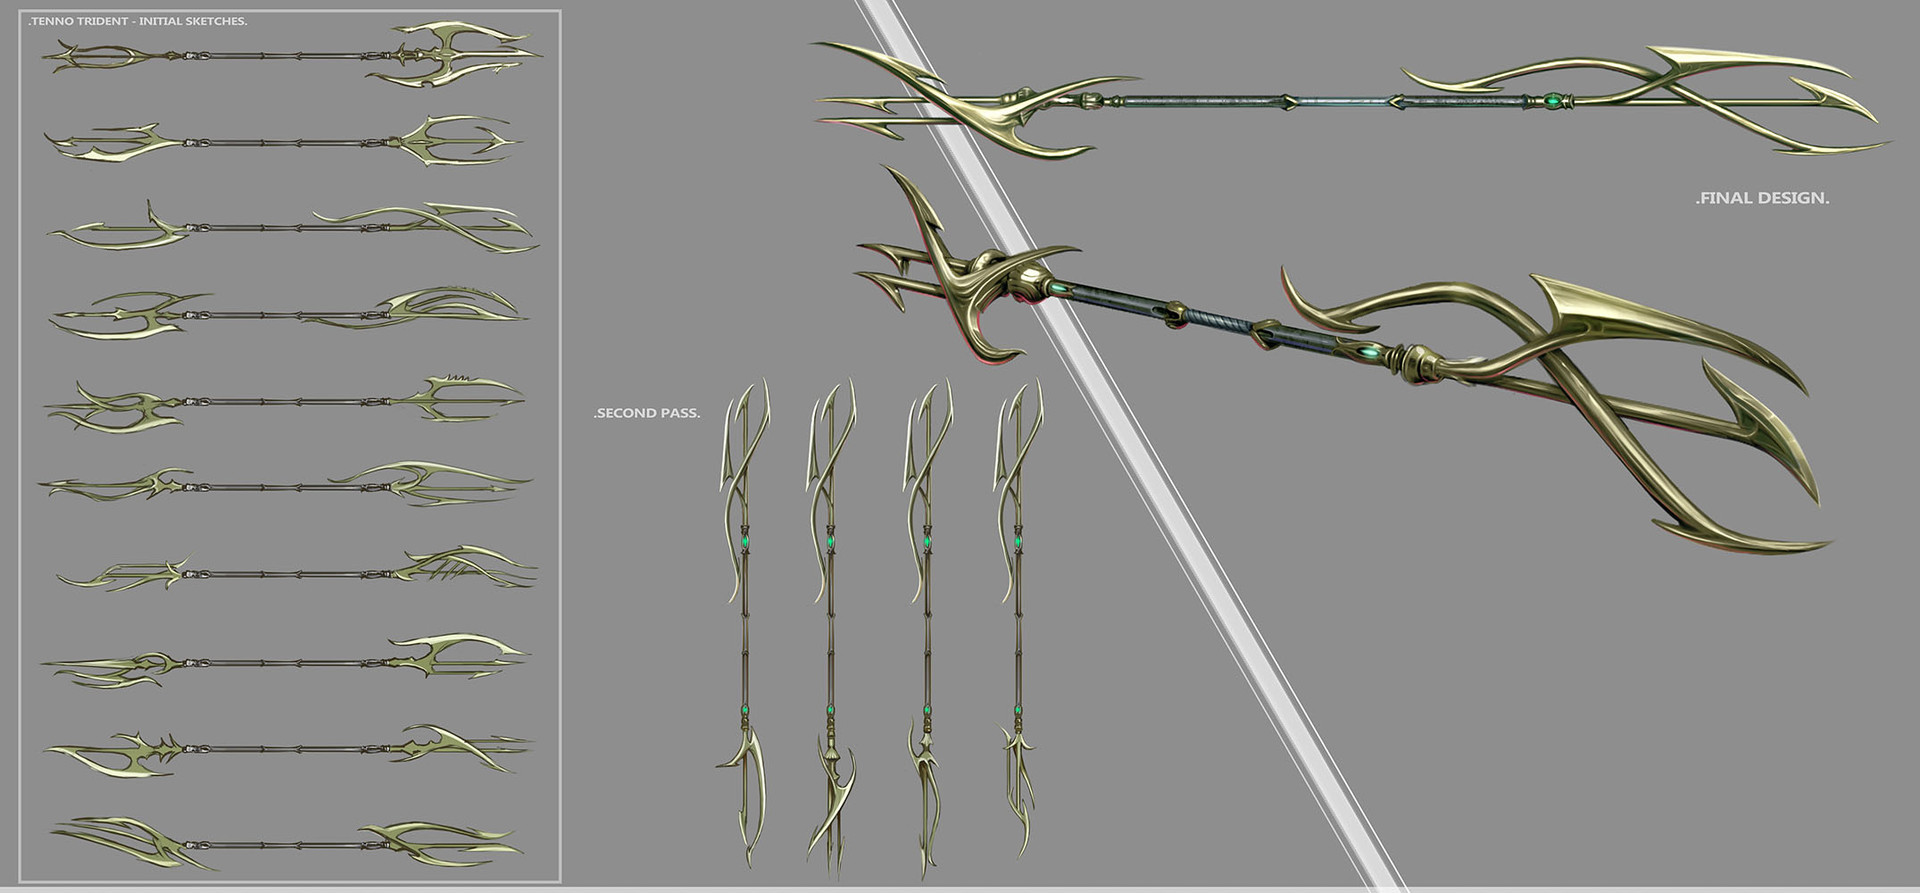 The Original Trident Concept.